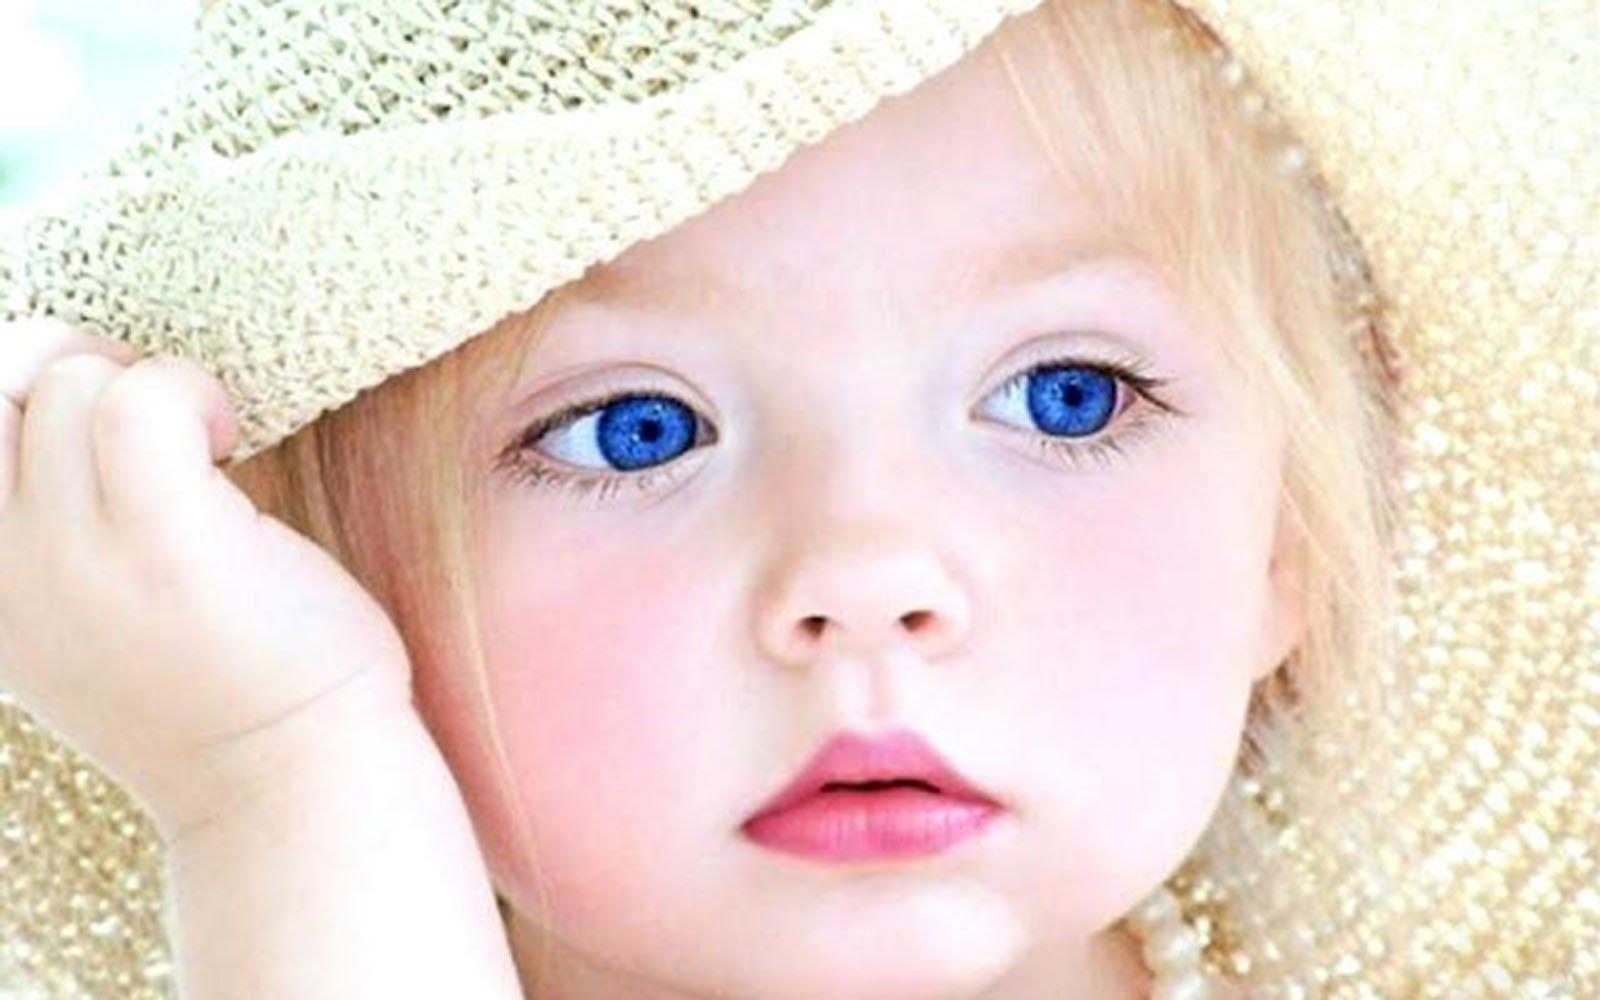 اجمل الصور اطفال في العالم مكتوب عليها